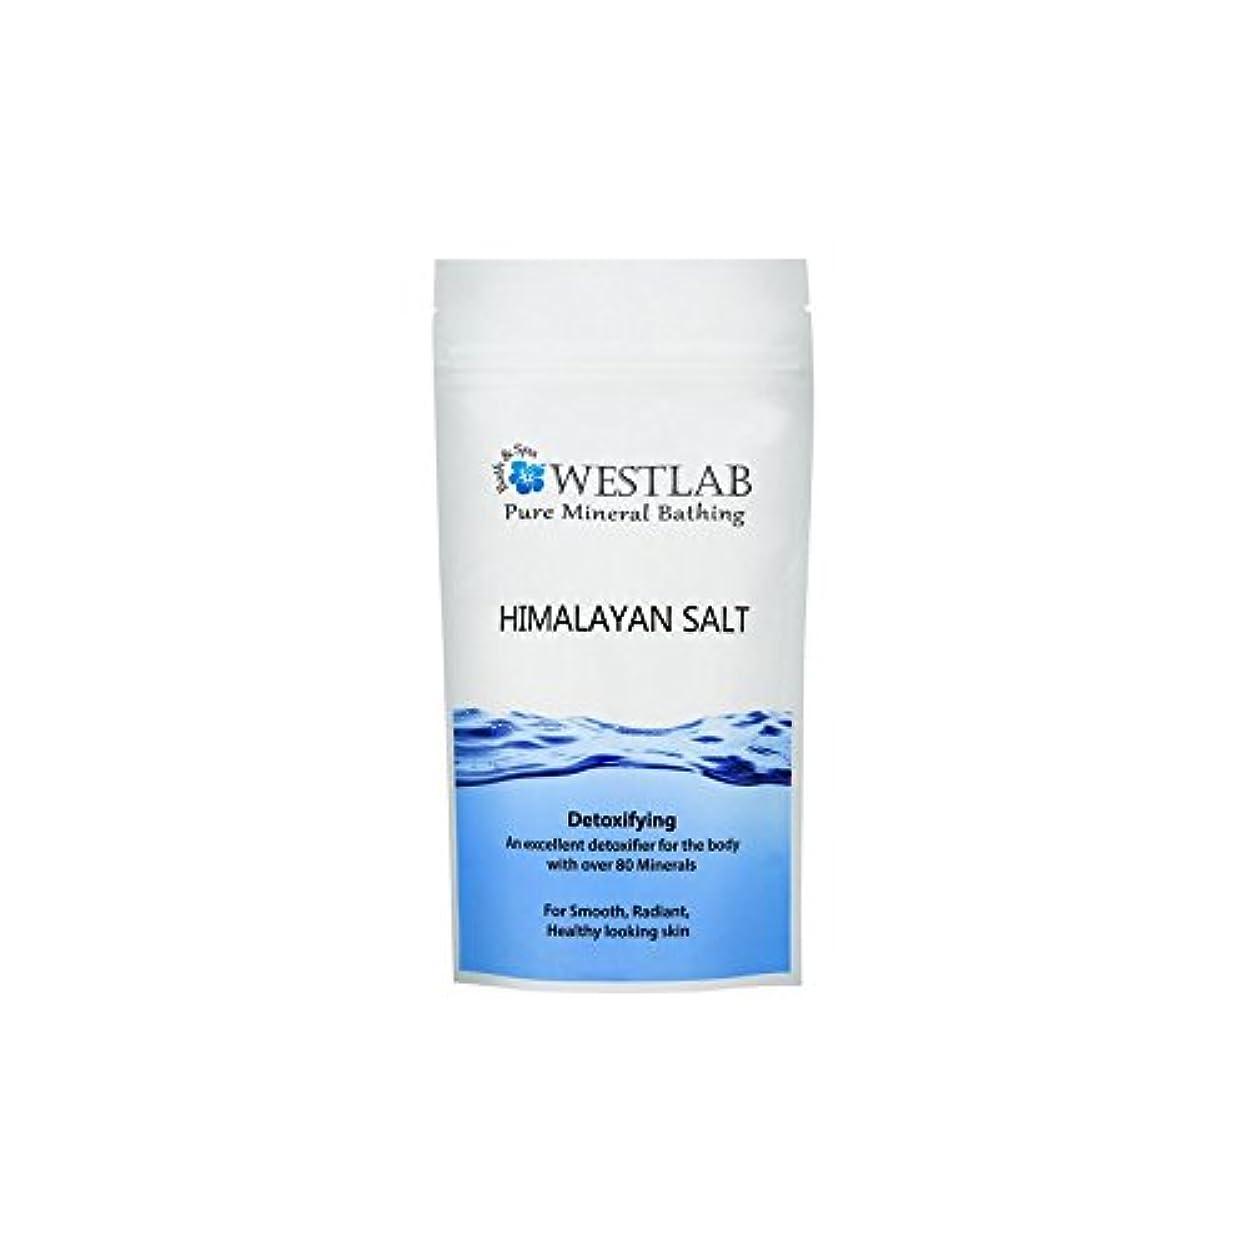 帆失業避難するヒマラヤの塩500グラム x4 - Westlab Himalayan Salt 500g (Pack of 4) [並行輸入品]